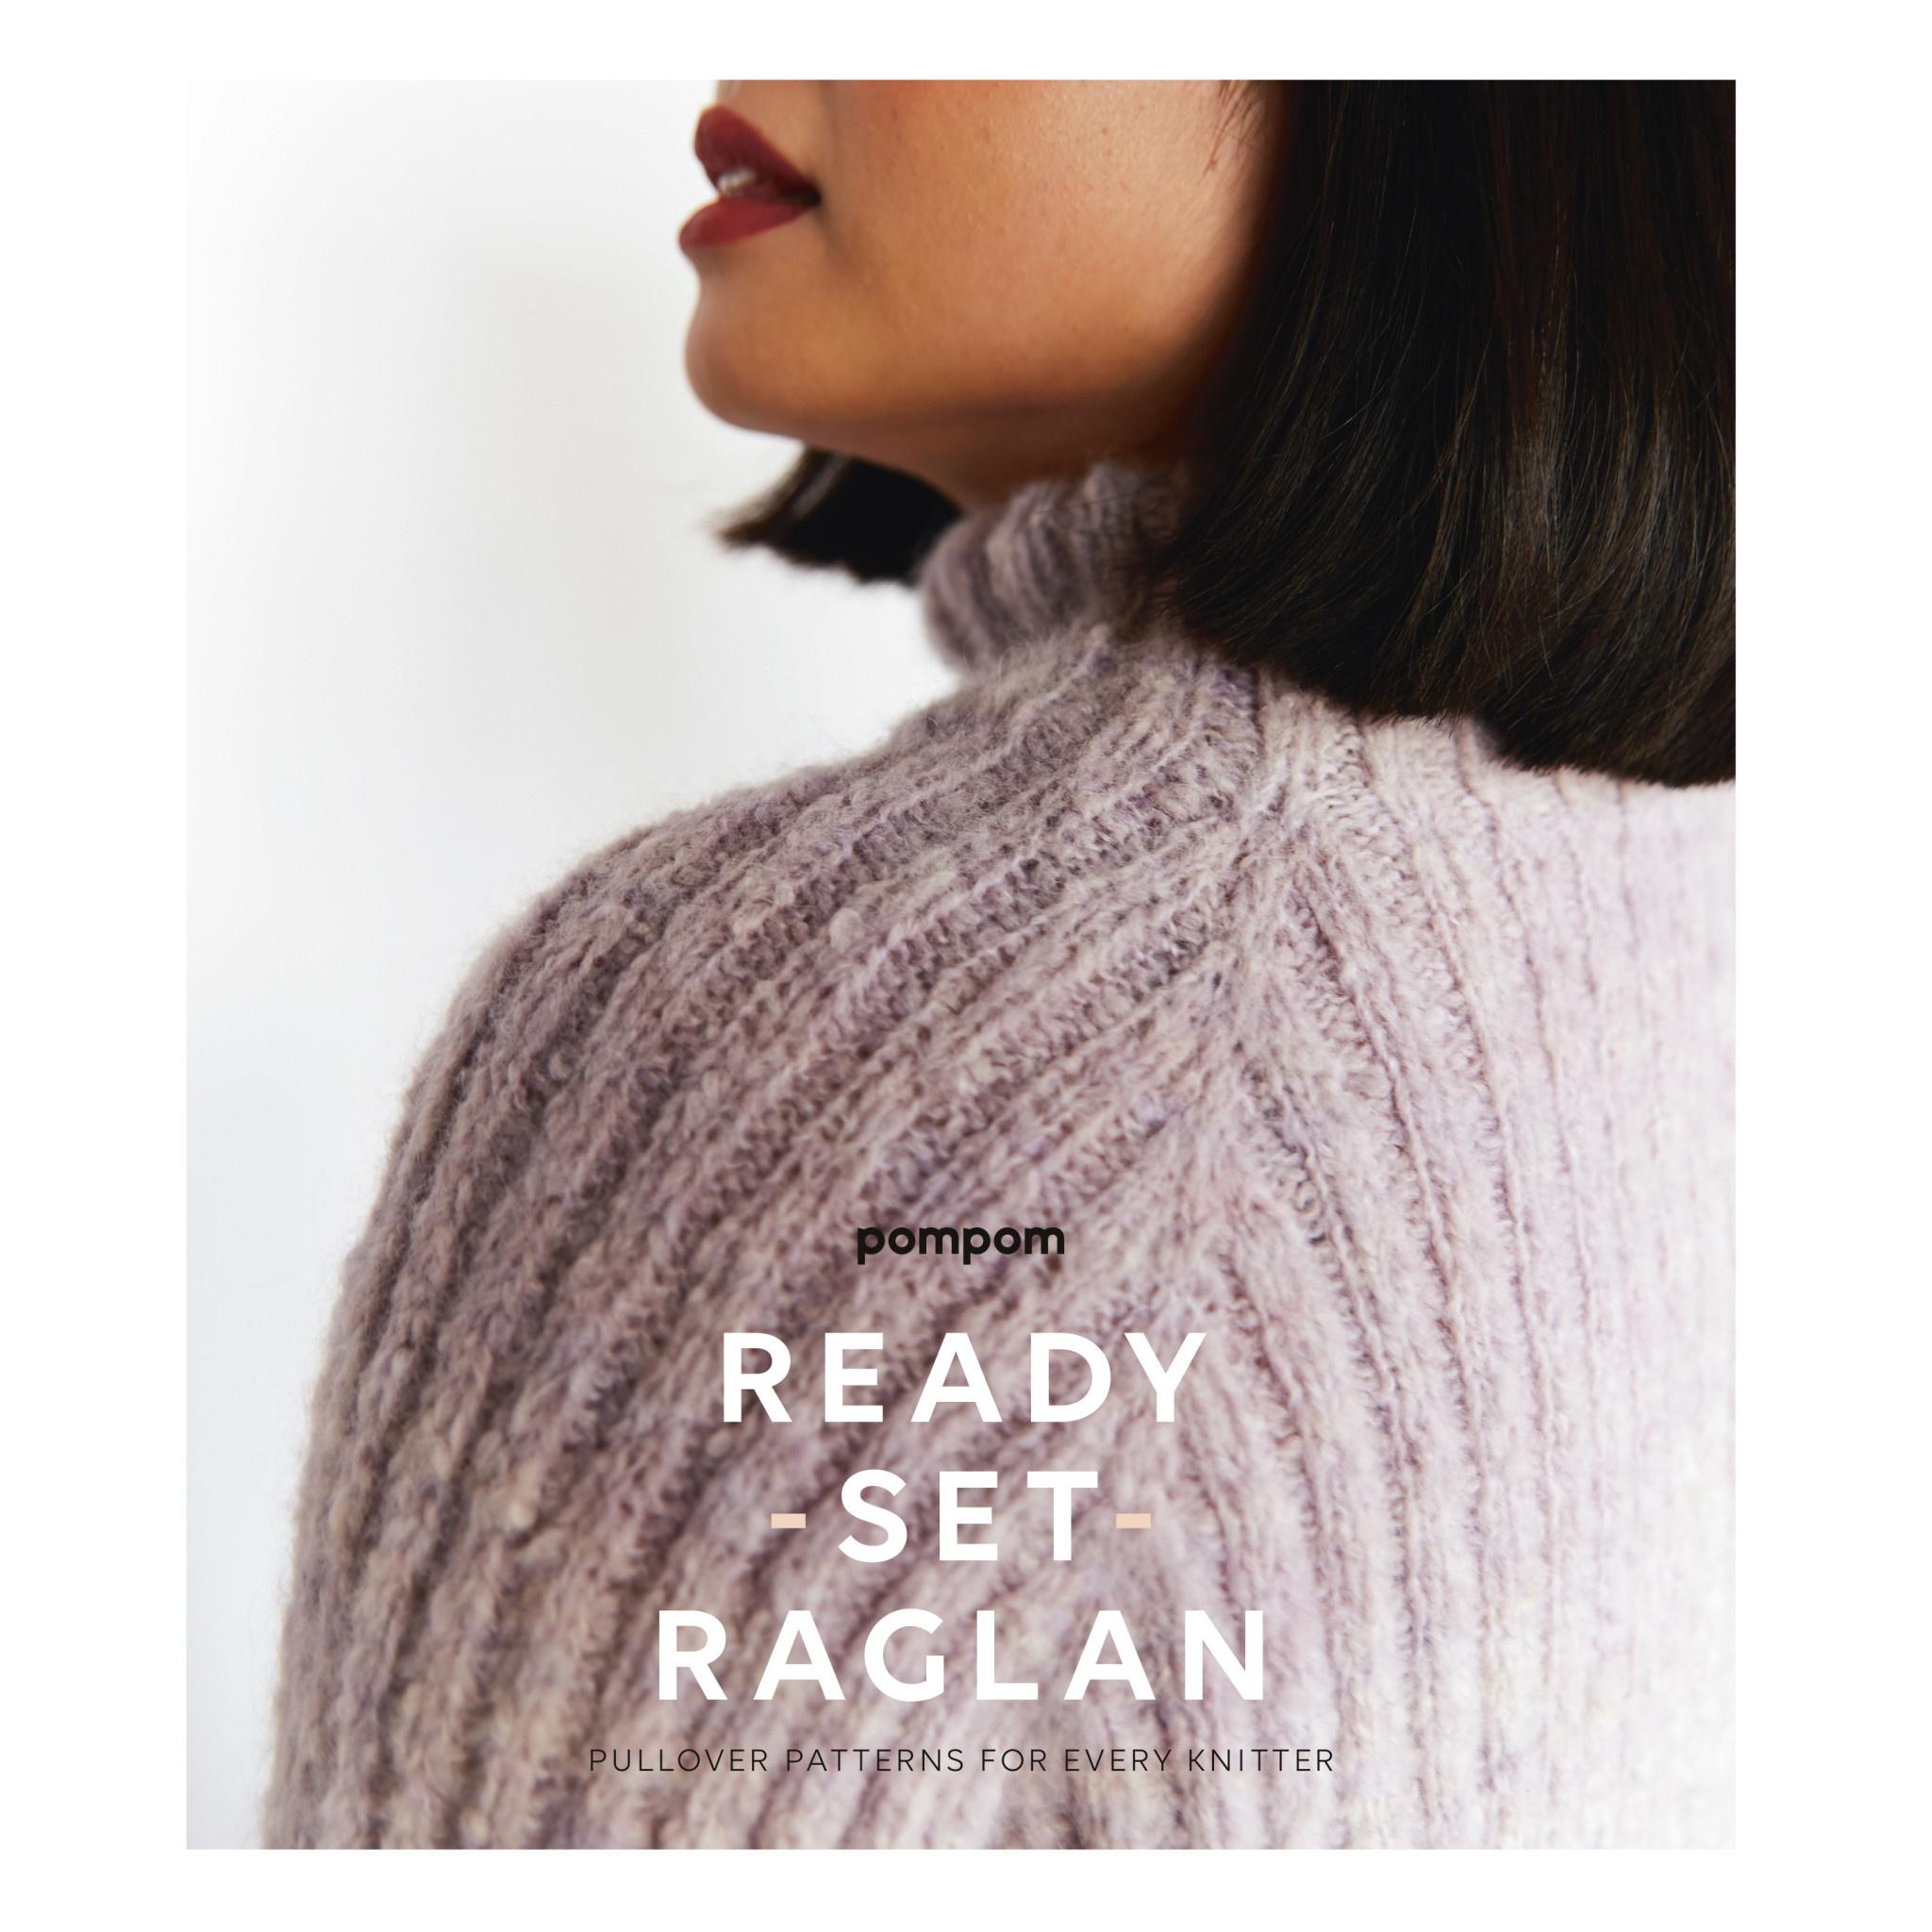 PRE-SALE: READY SET RAGLAN by POM POM